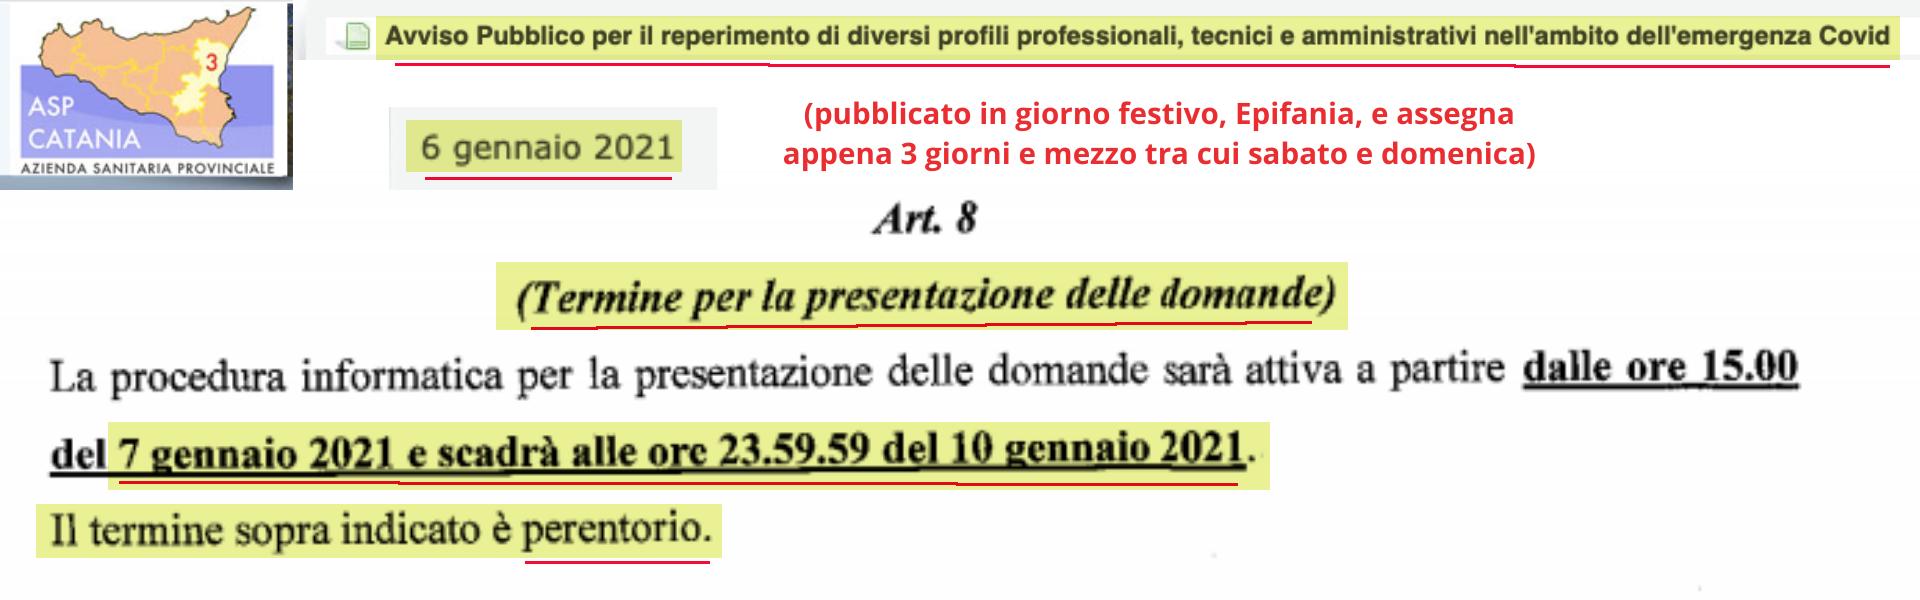 Asp Catania PUBBLICA super selezione REGIONALE di personale...con appena 3 giorni di tempo festivi...PERENTORIO